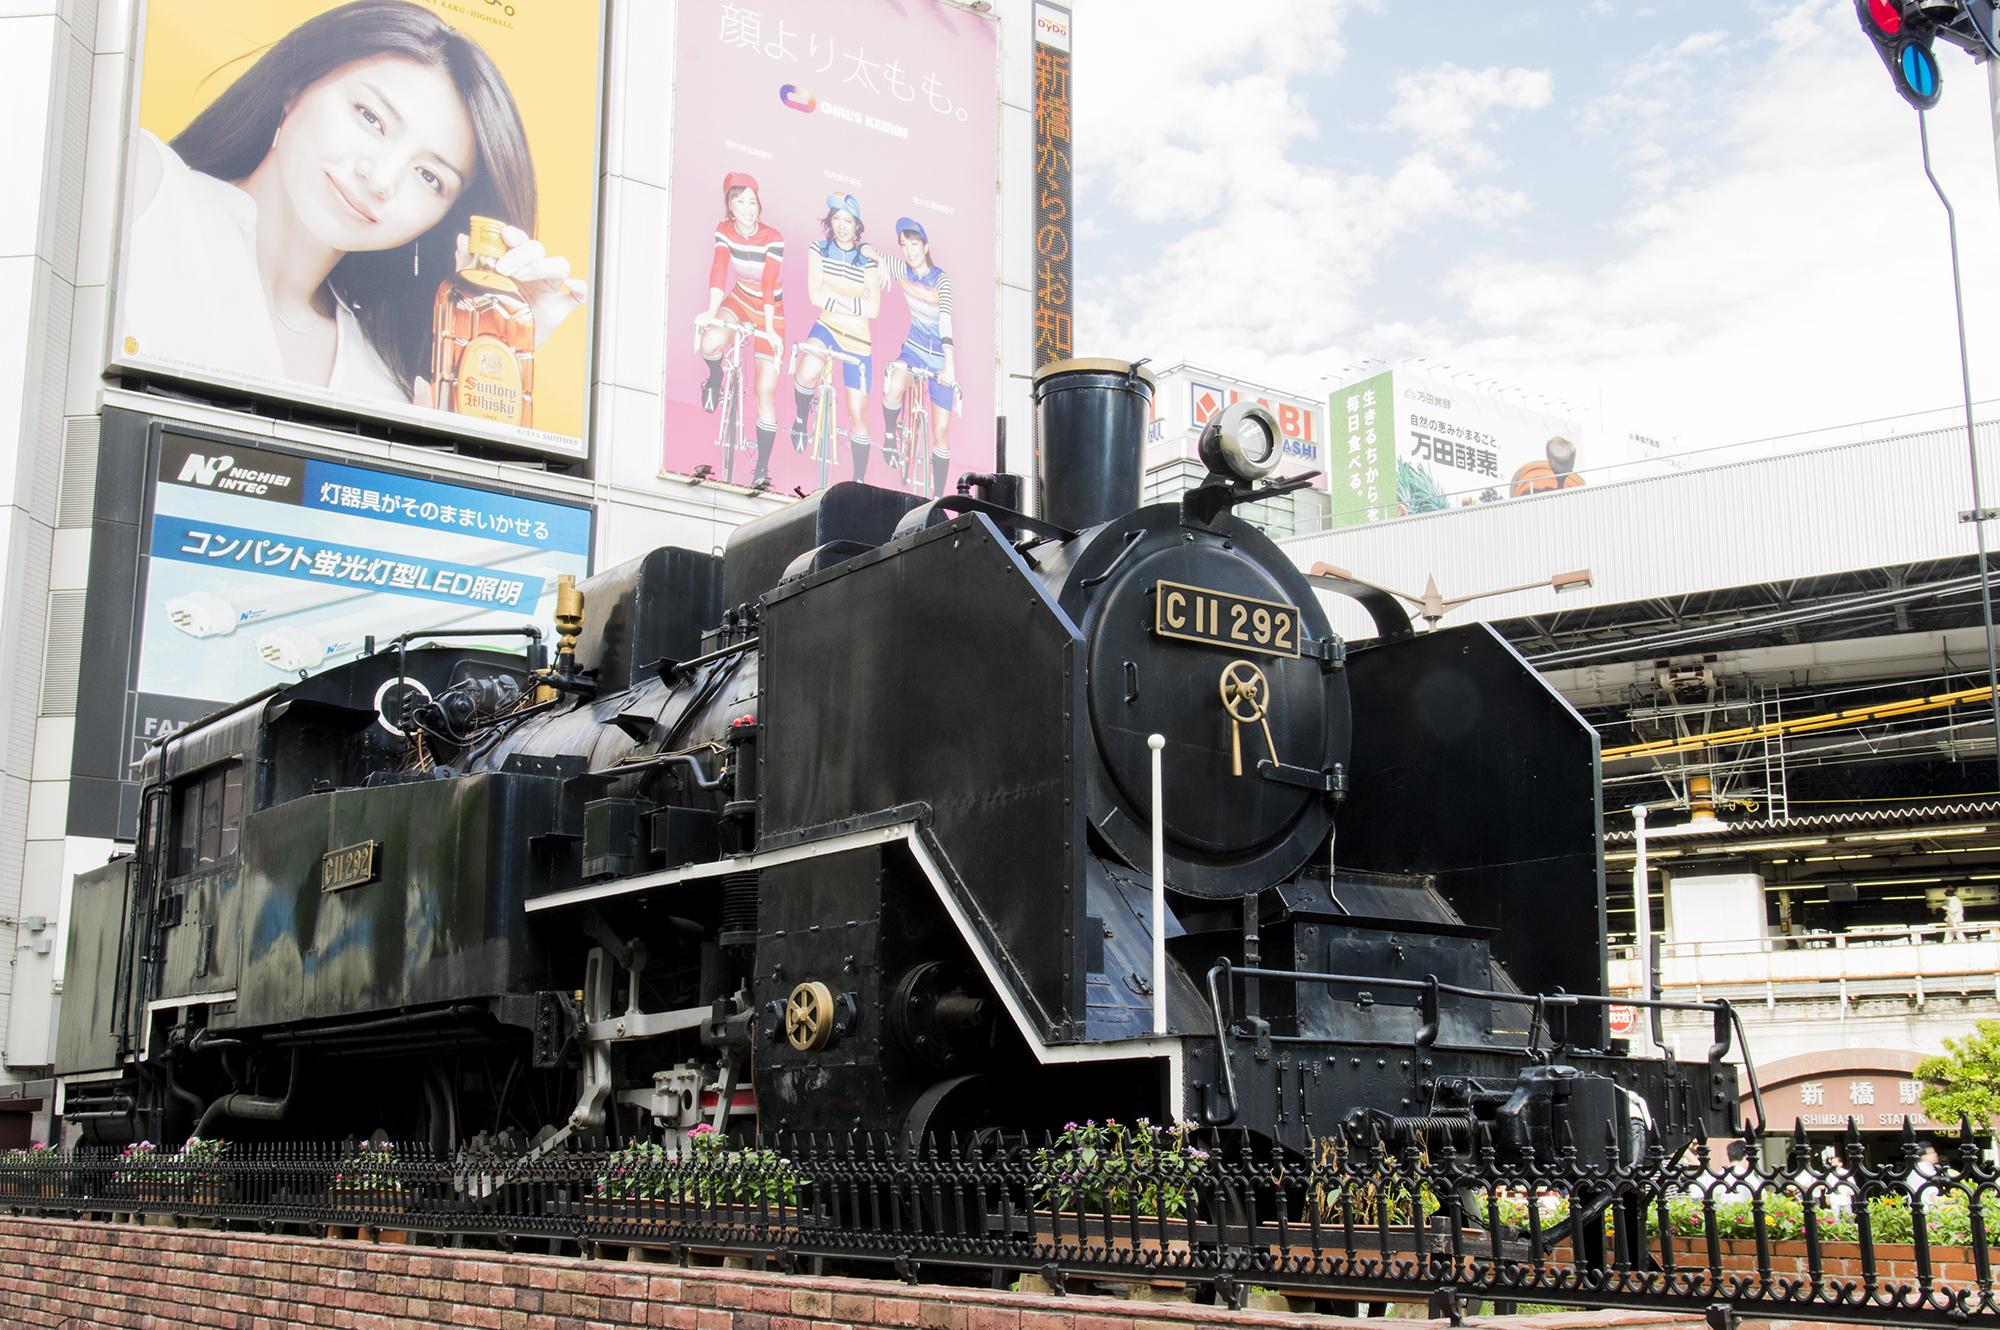 SL広場【G-08 新橋駅】